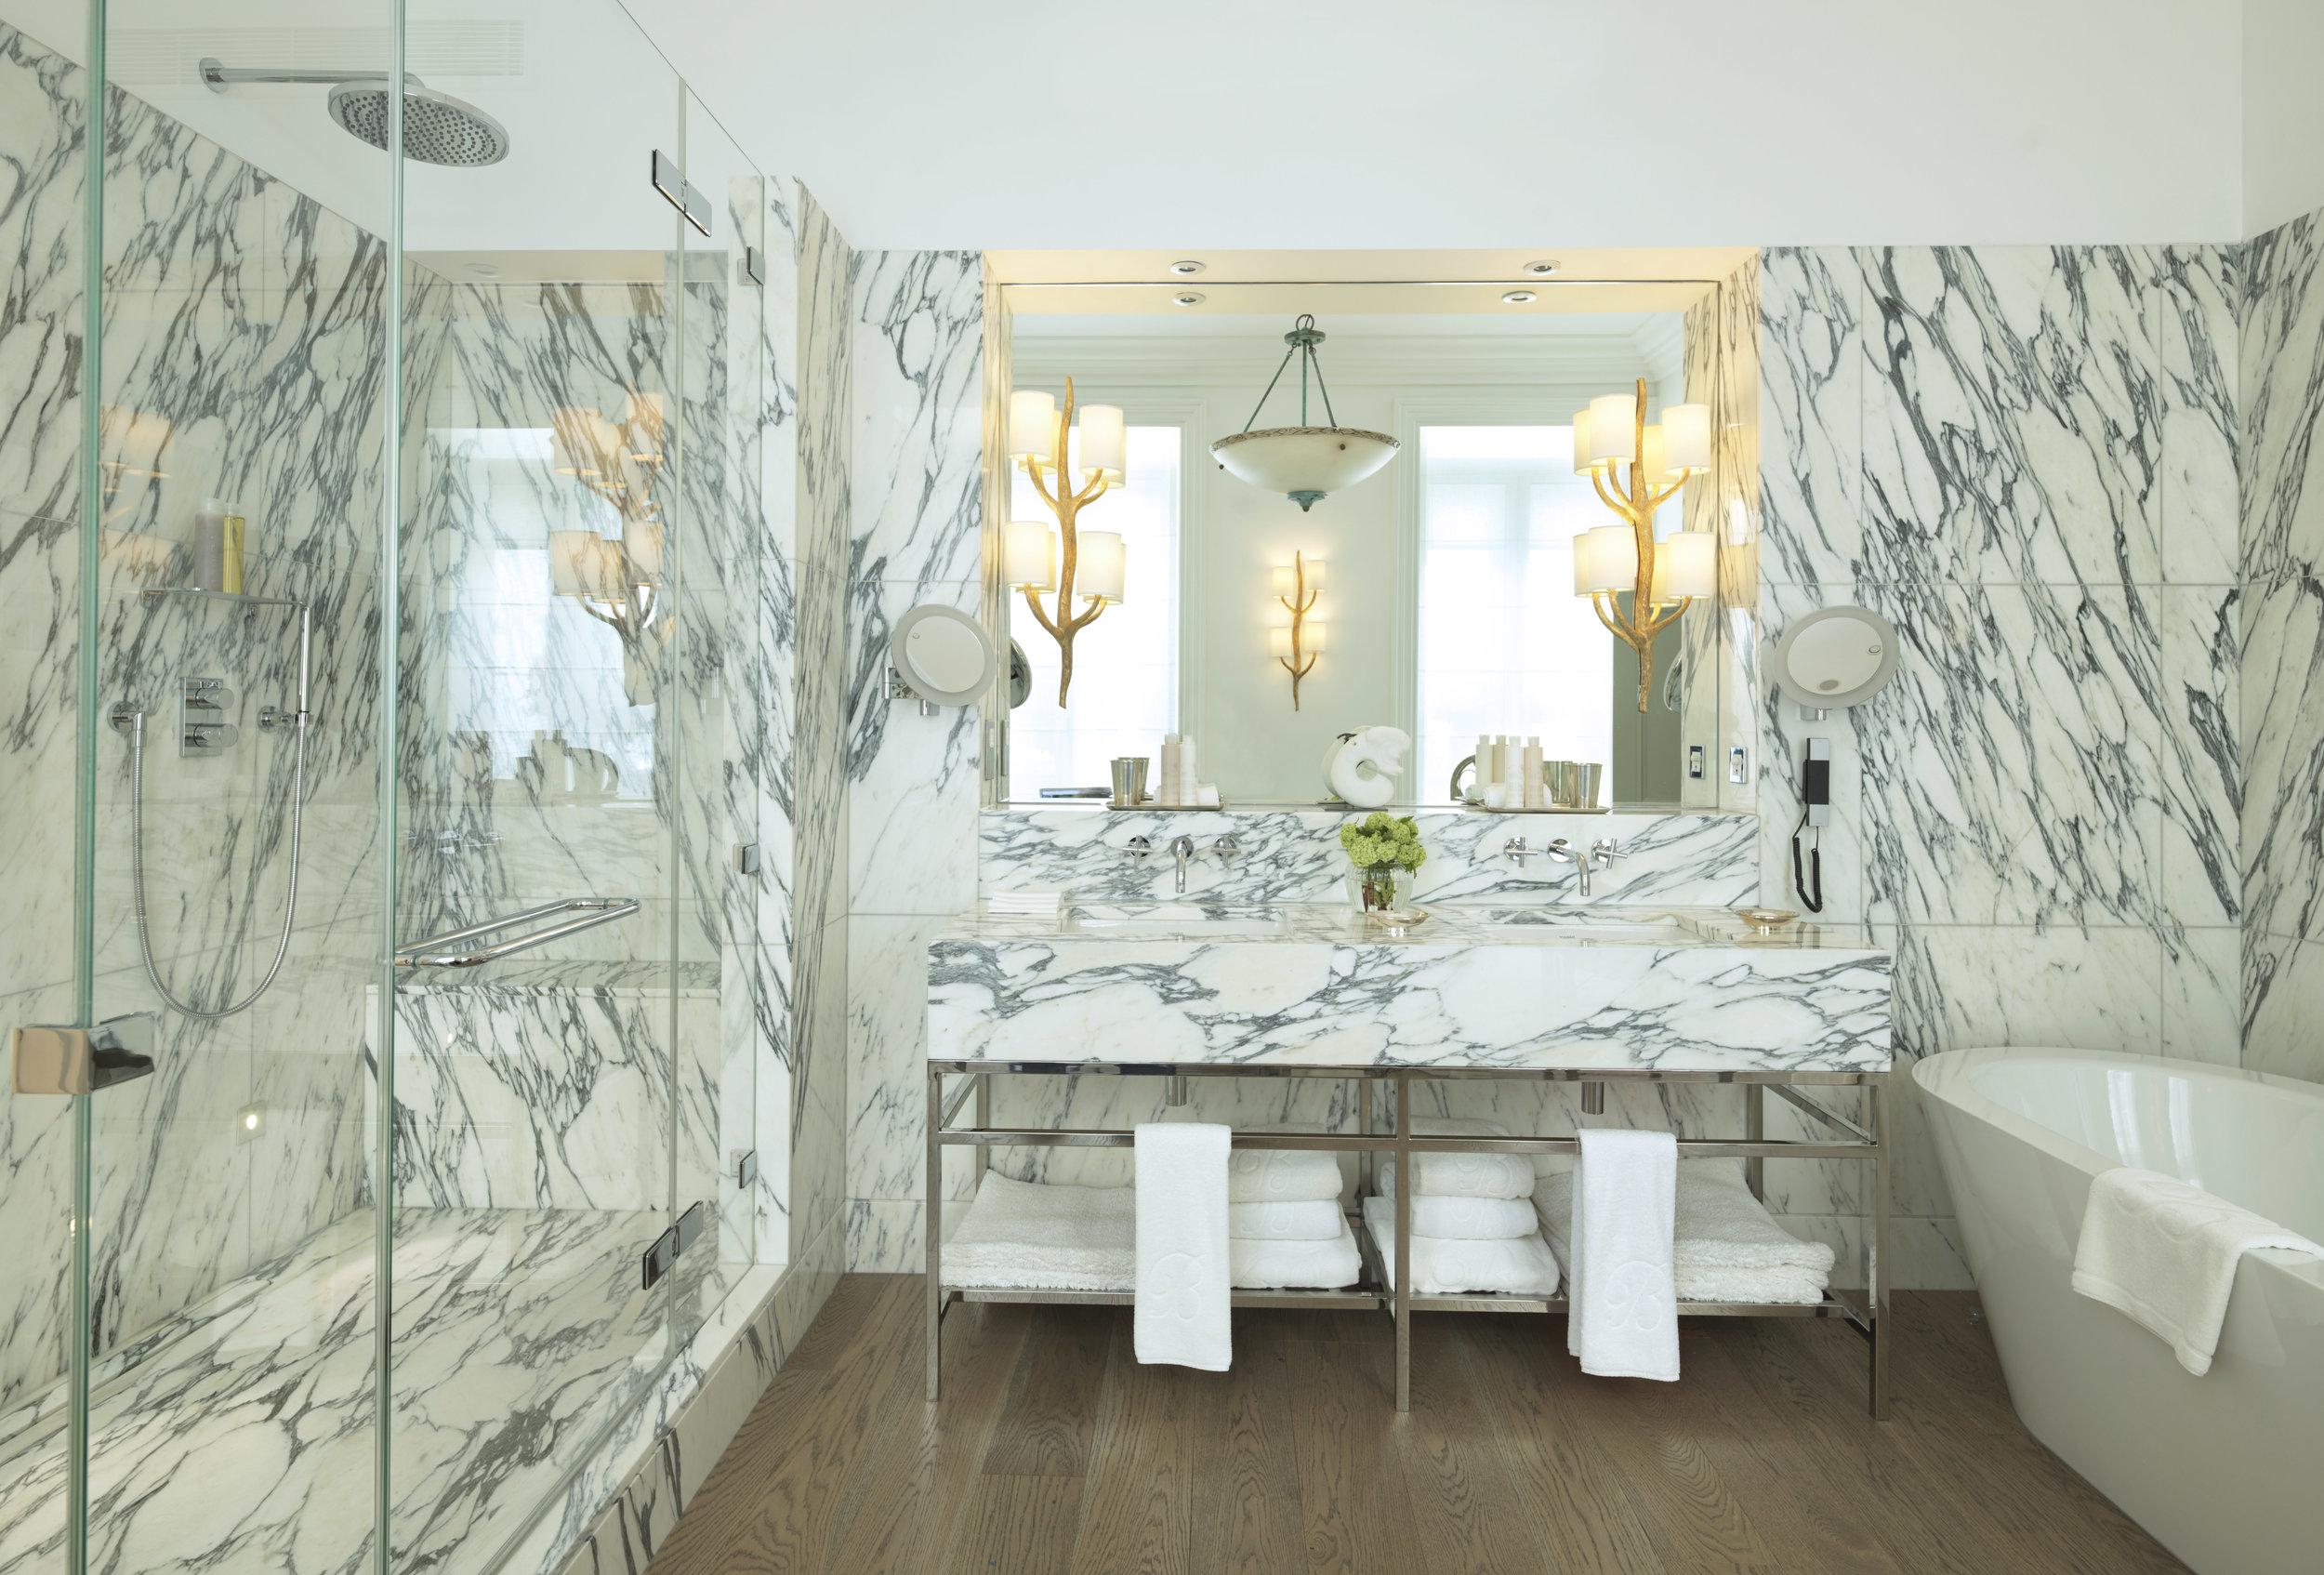 15 RFH Brown's Hotel - Kipling Suite Bathroom 0044r AH May 16.jpg